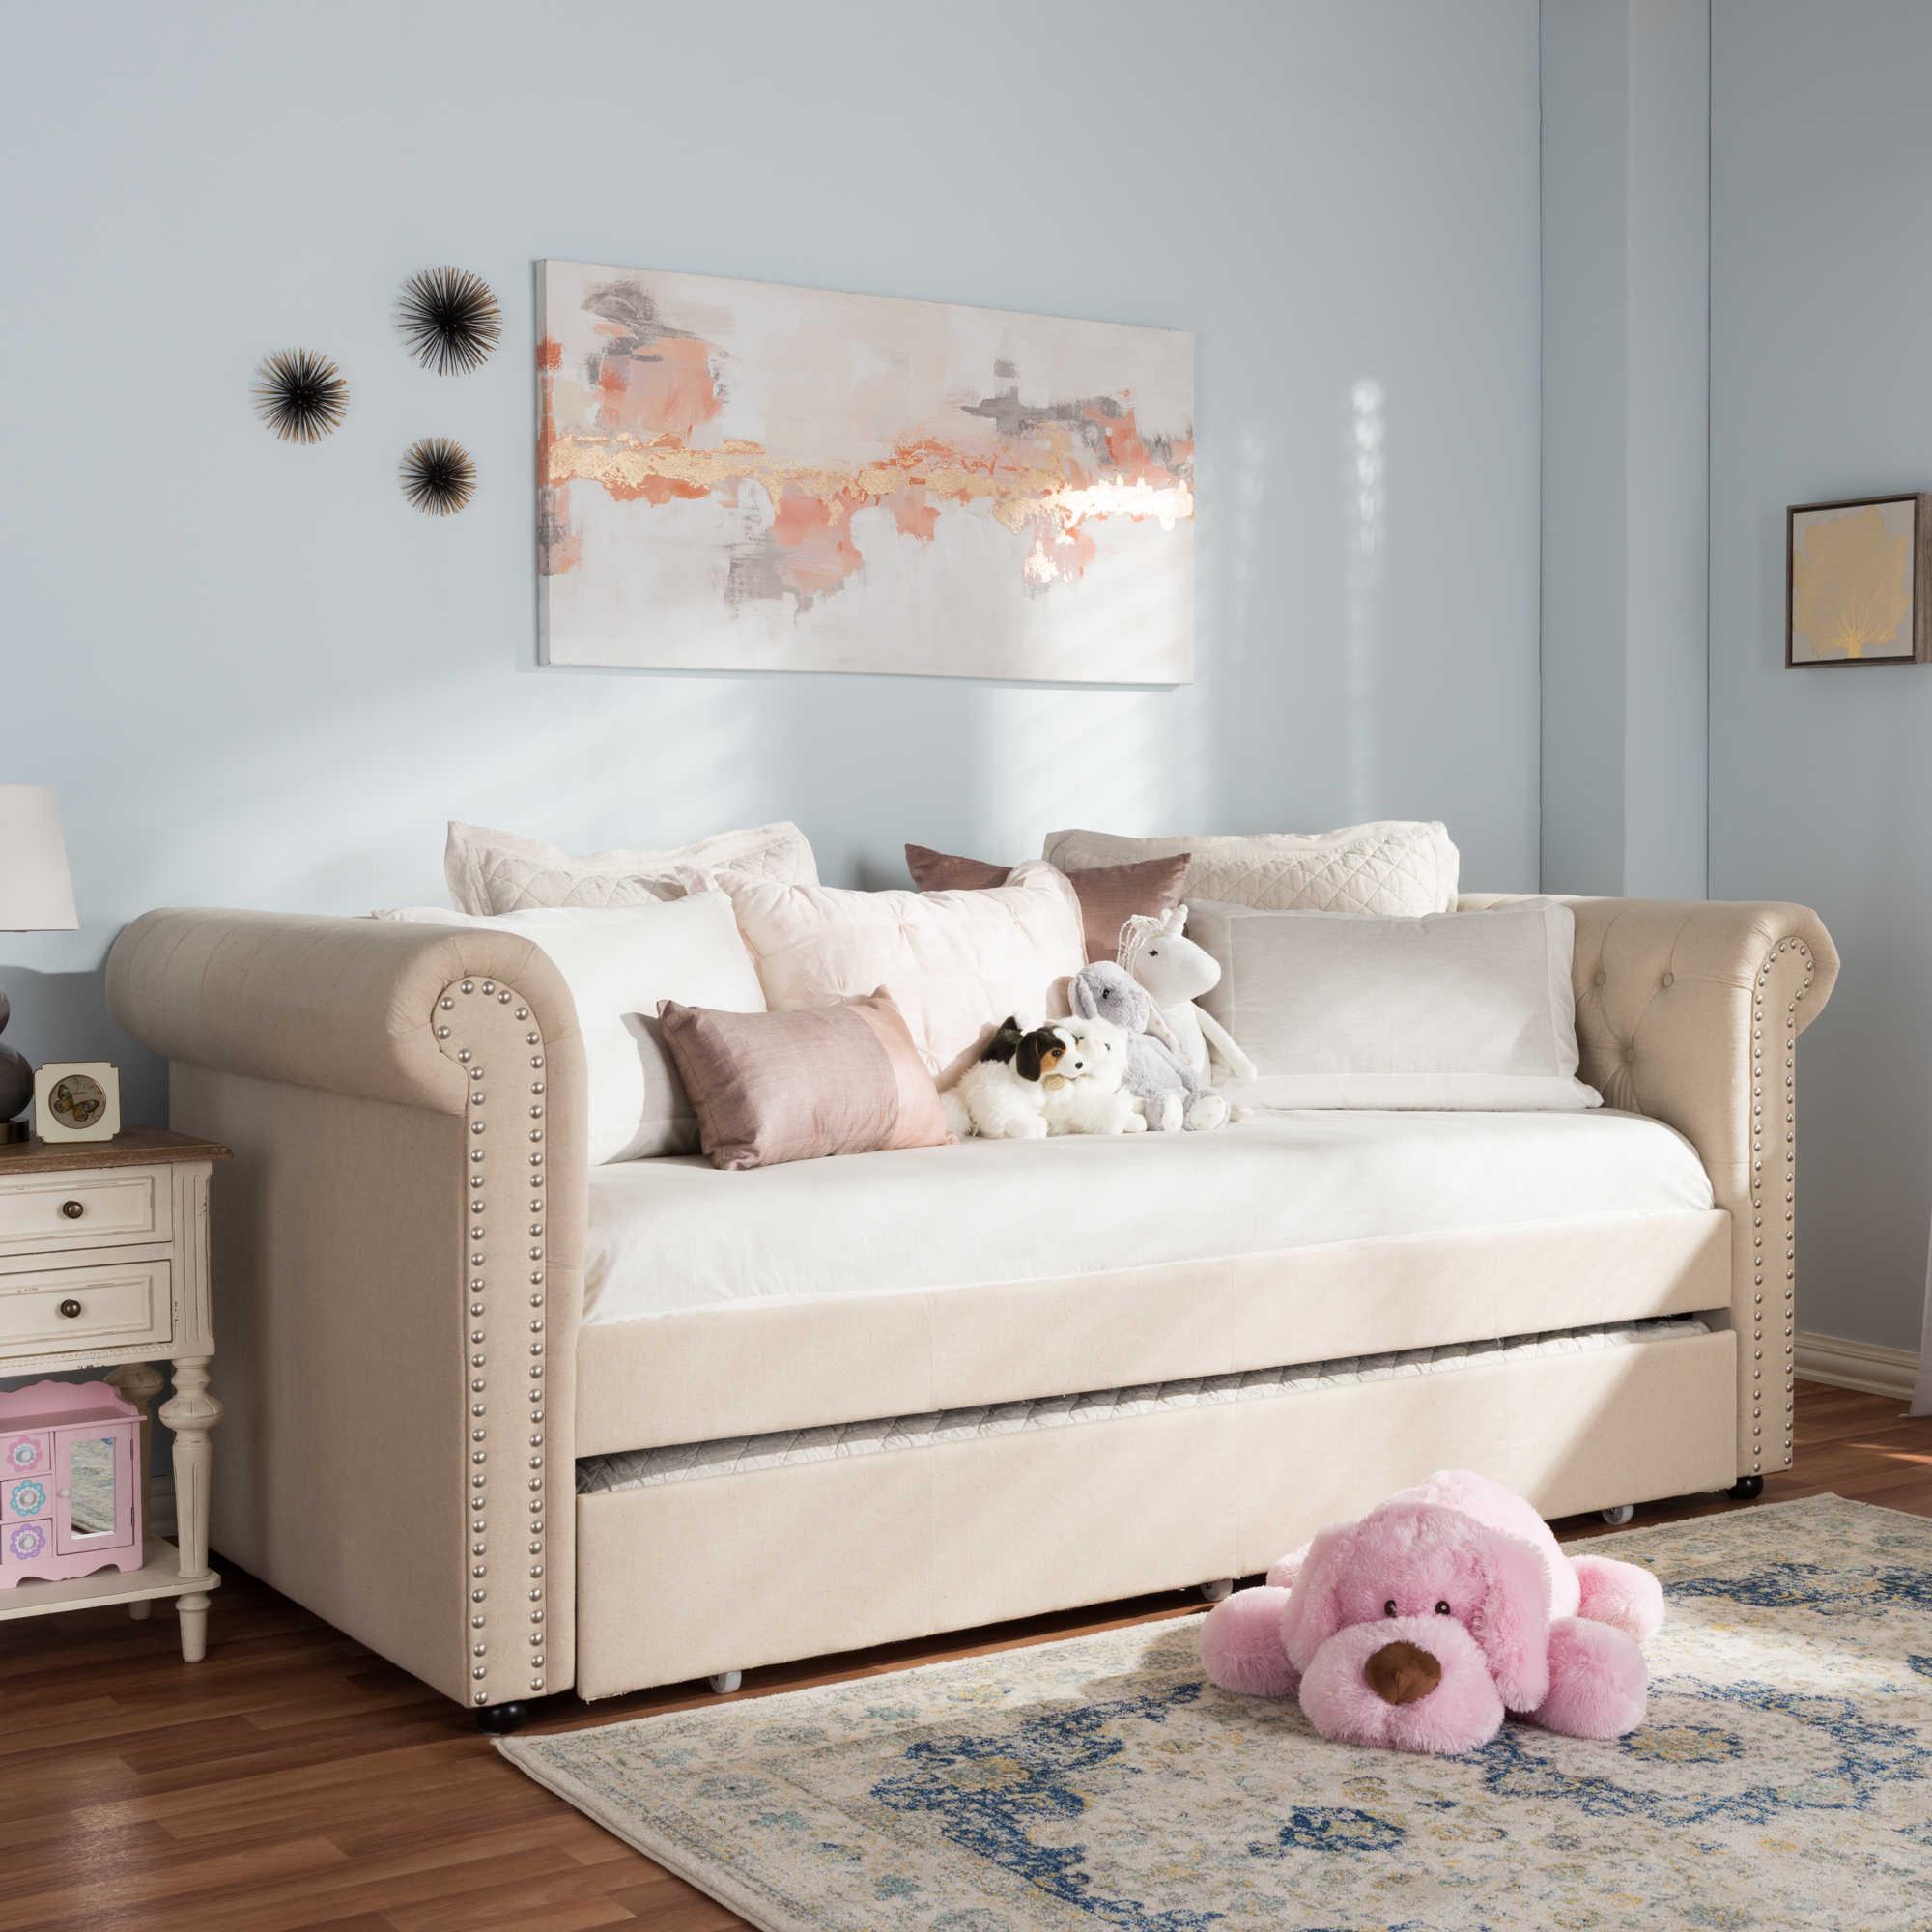 Диван-кровать Chelsy бежевого цвета 90х200